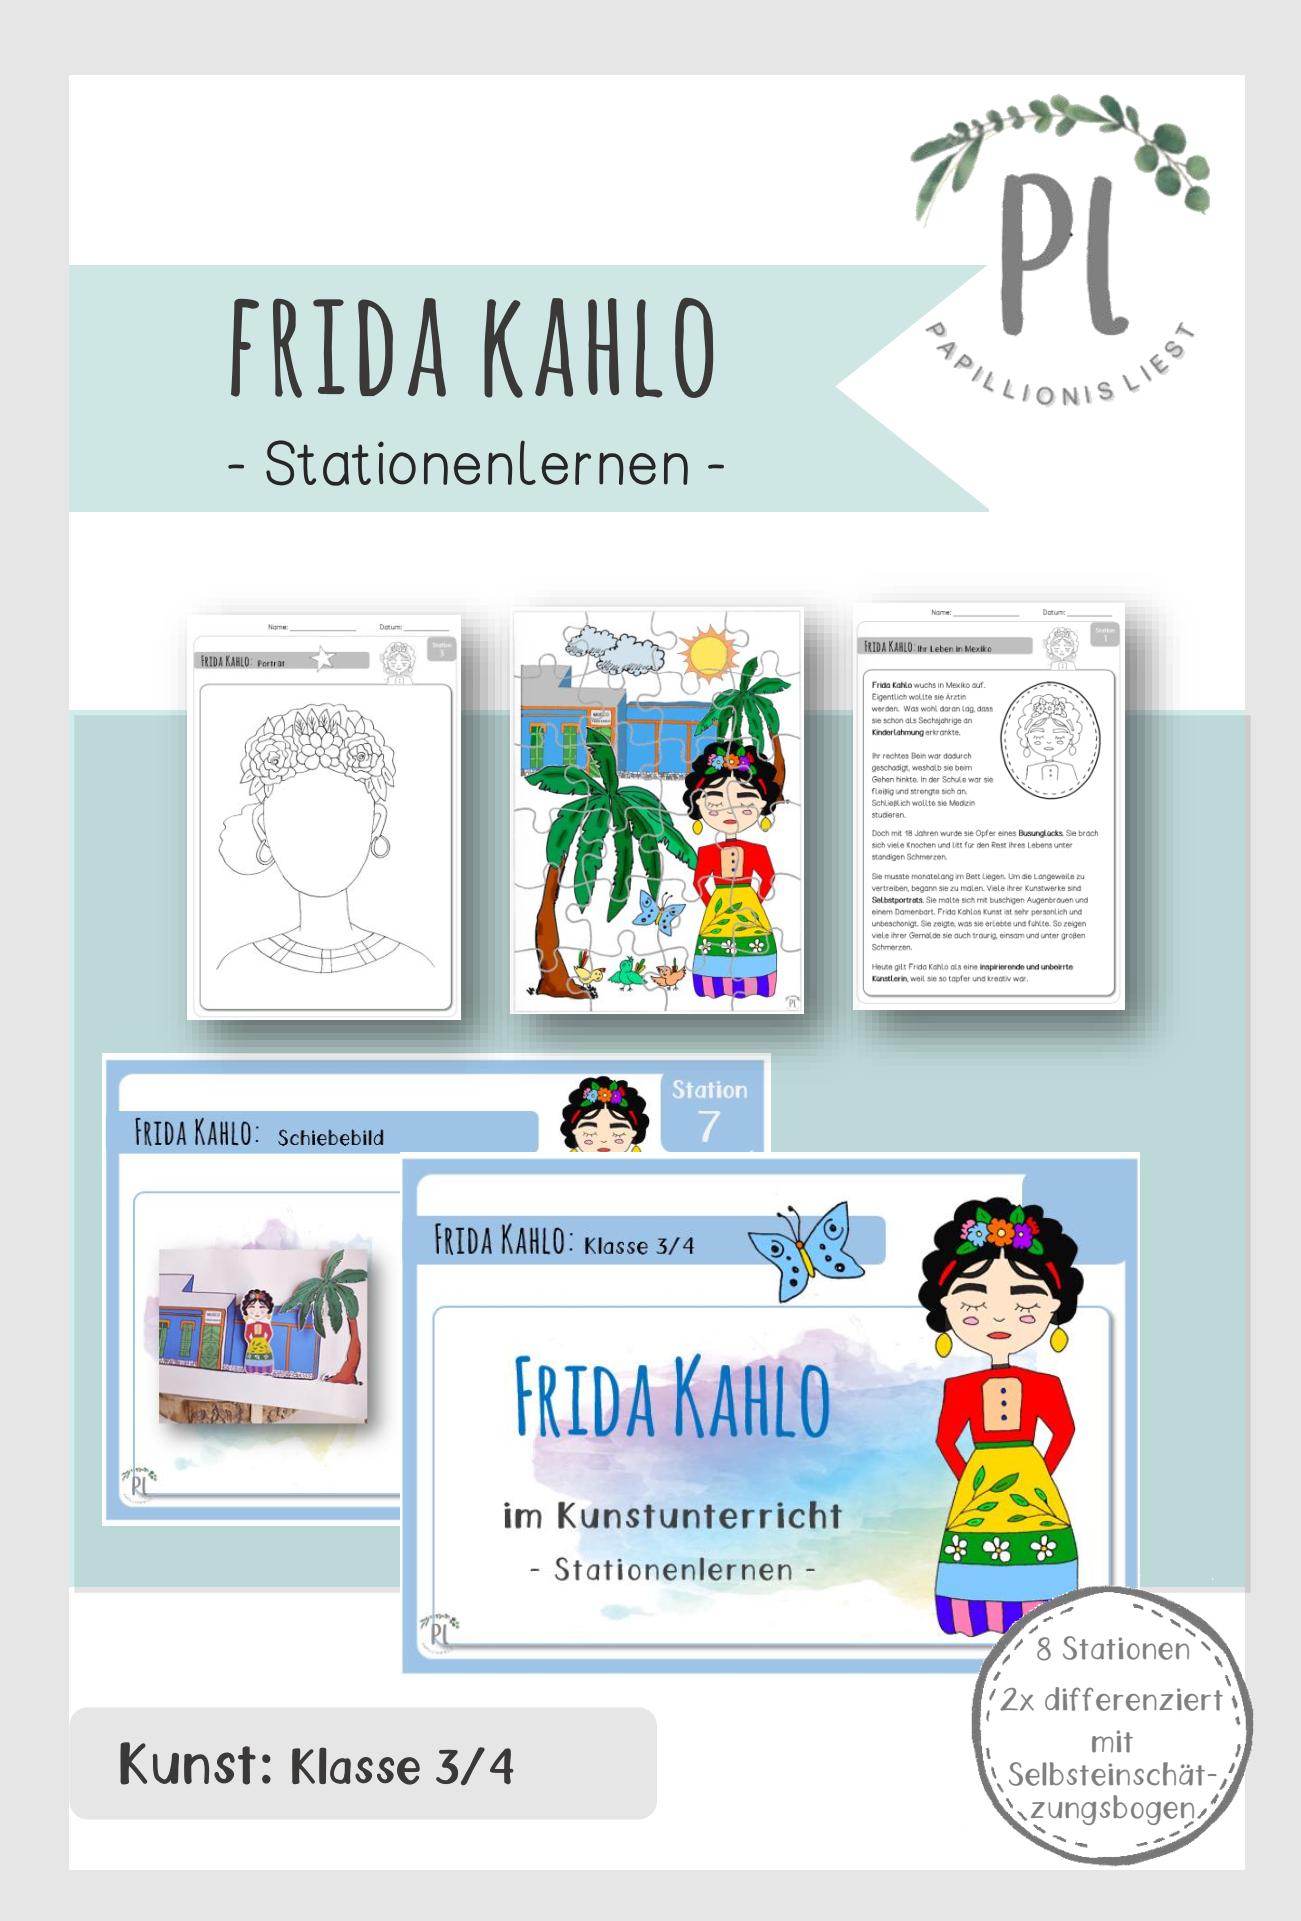 Frida Kahlo_Stationenlernen